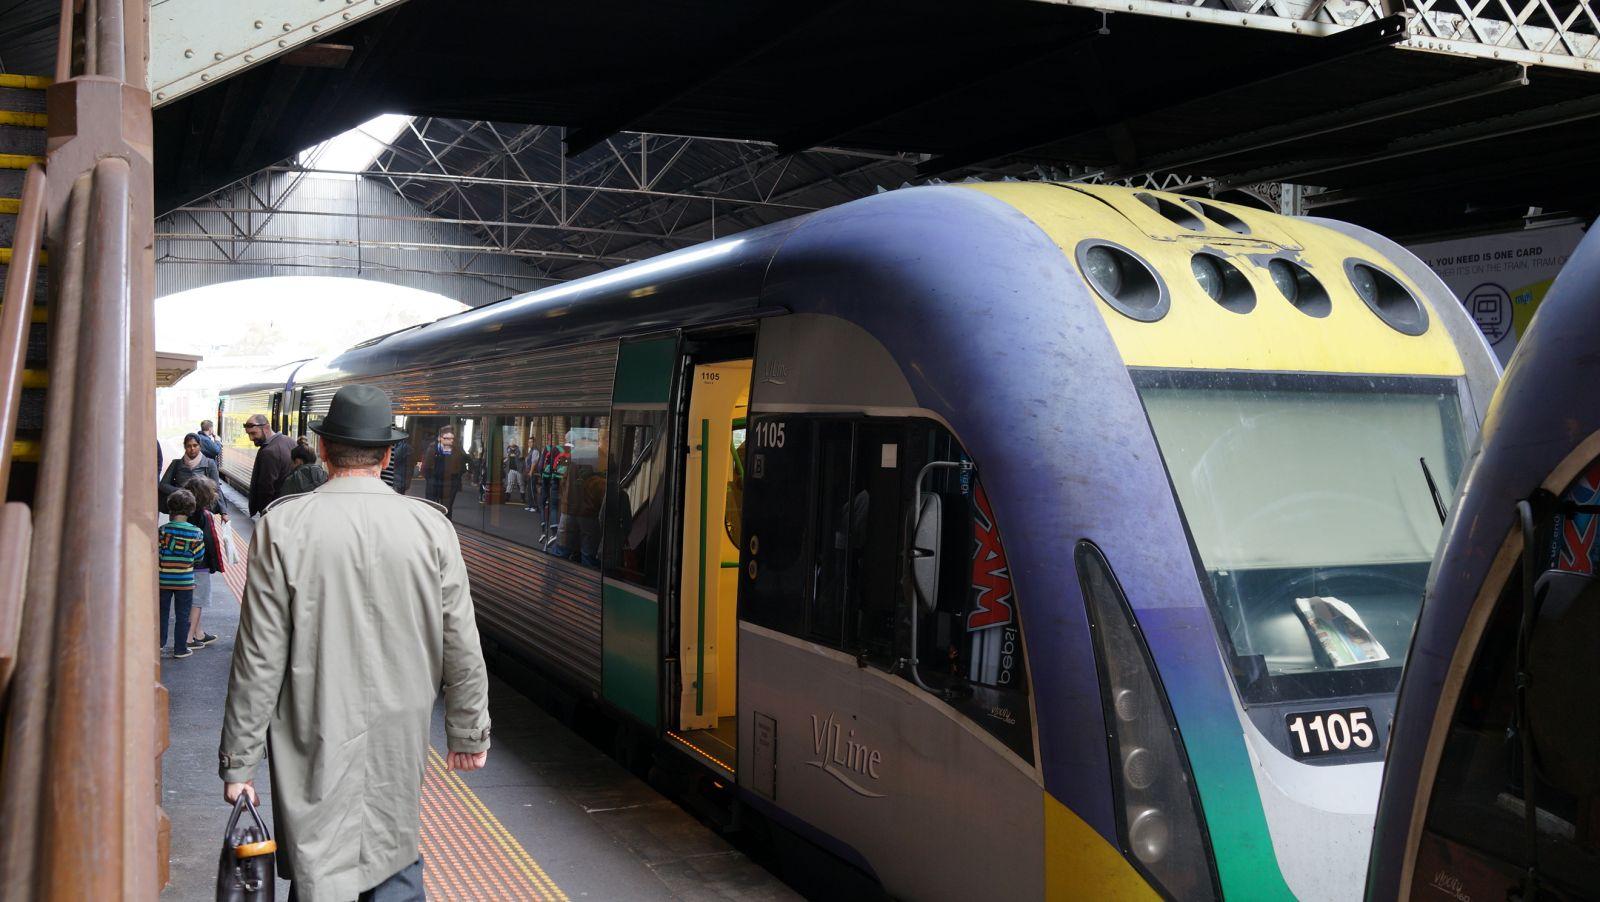 Джелонг, Австралия, поезд